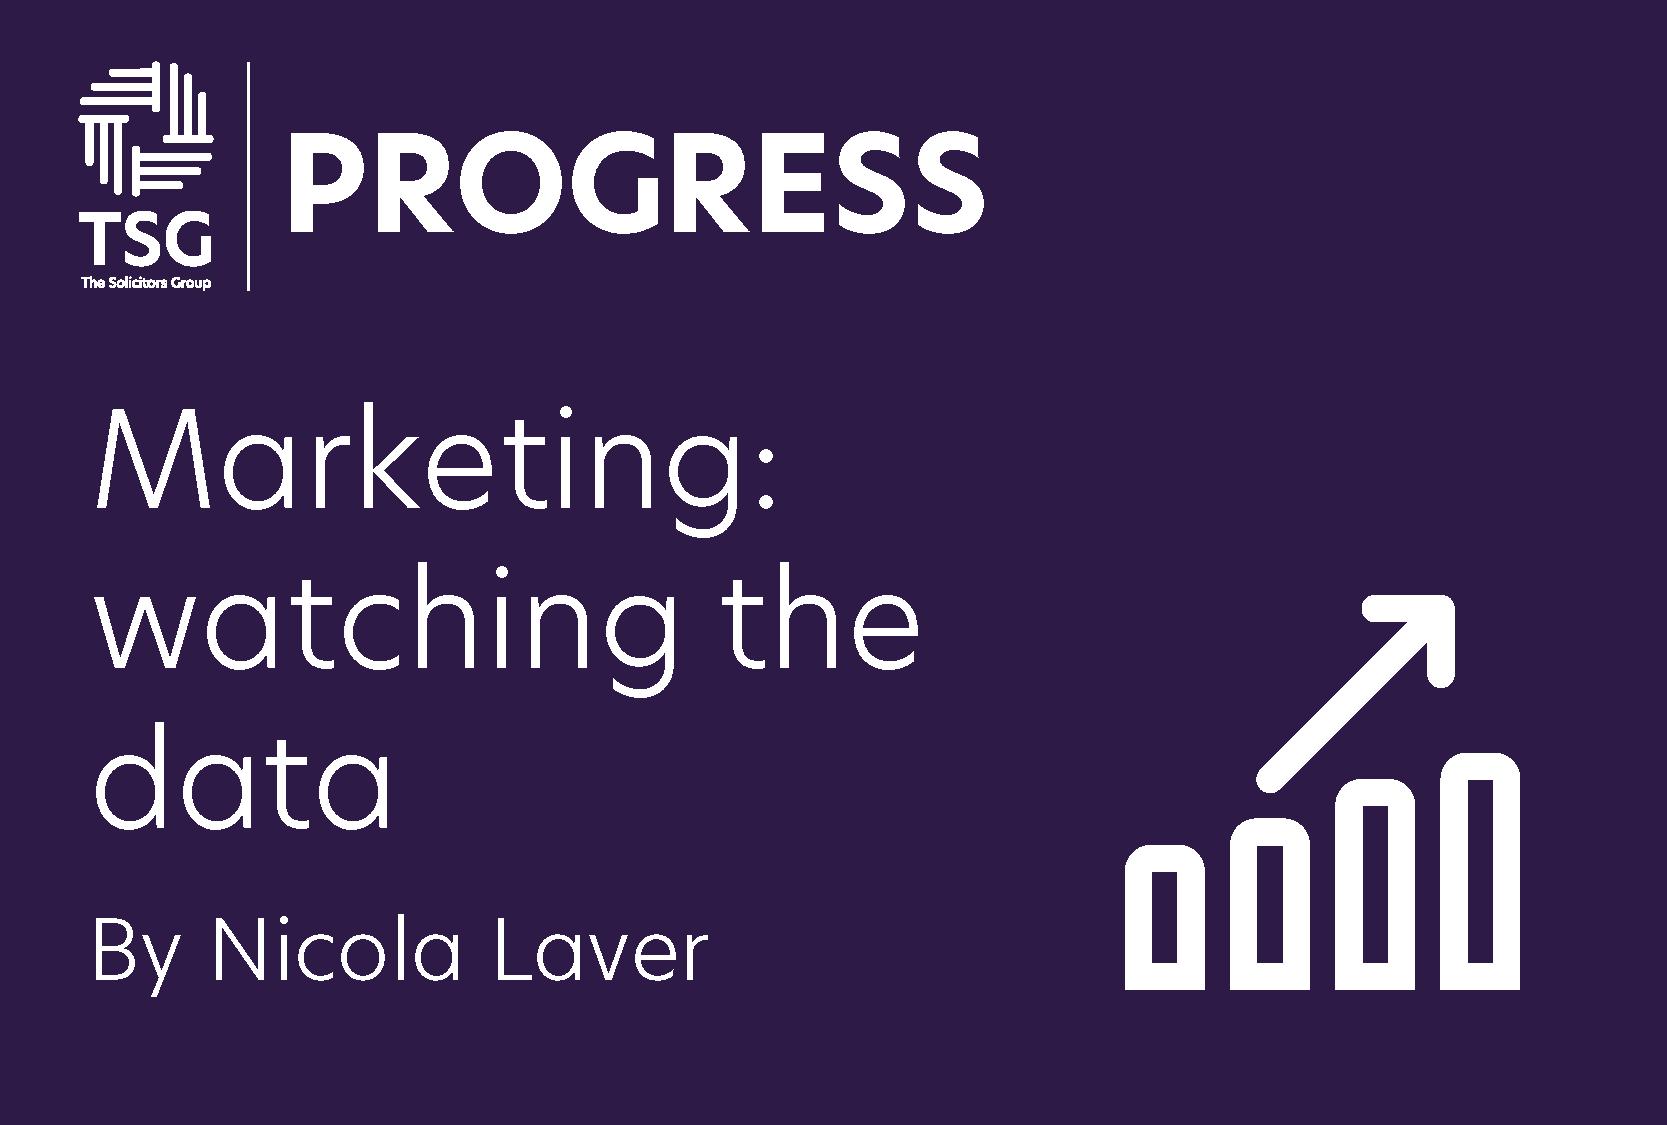 Marketing watching the data